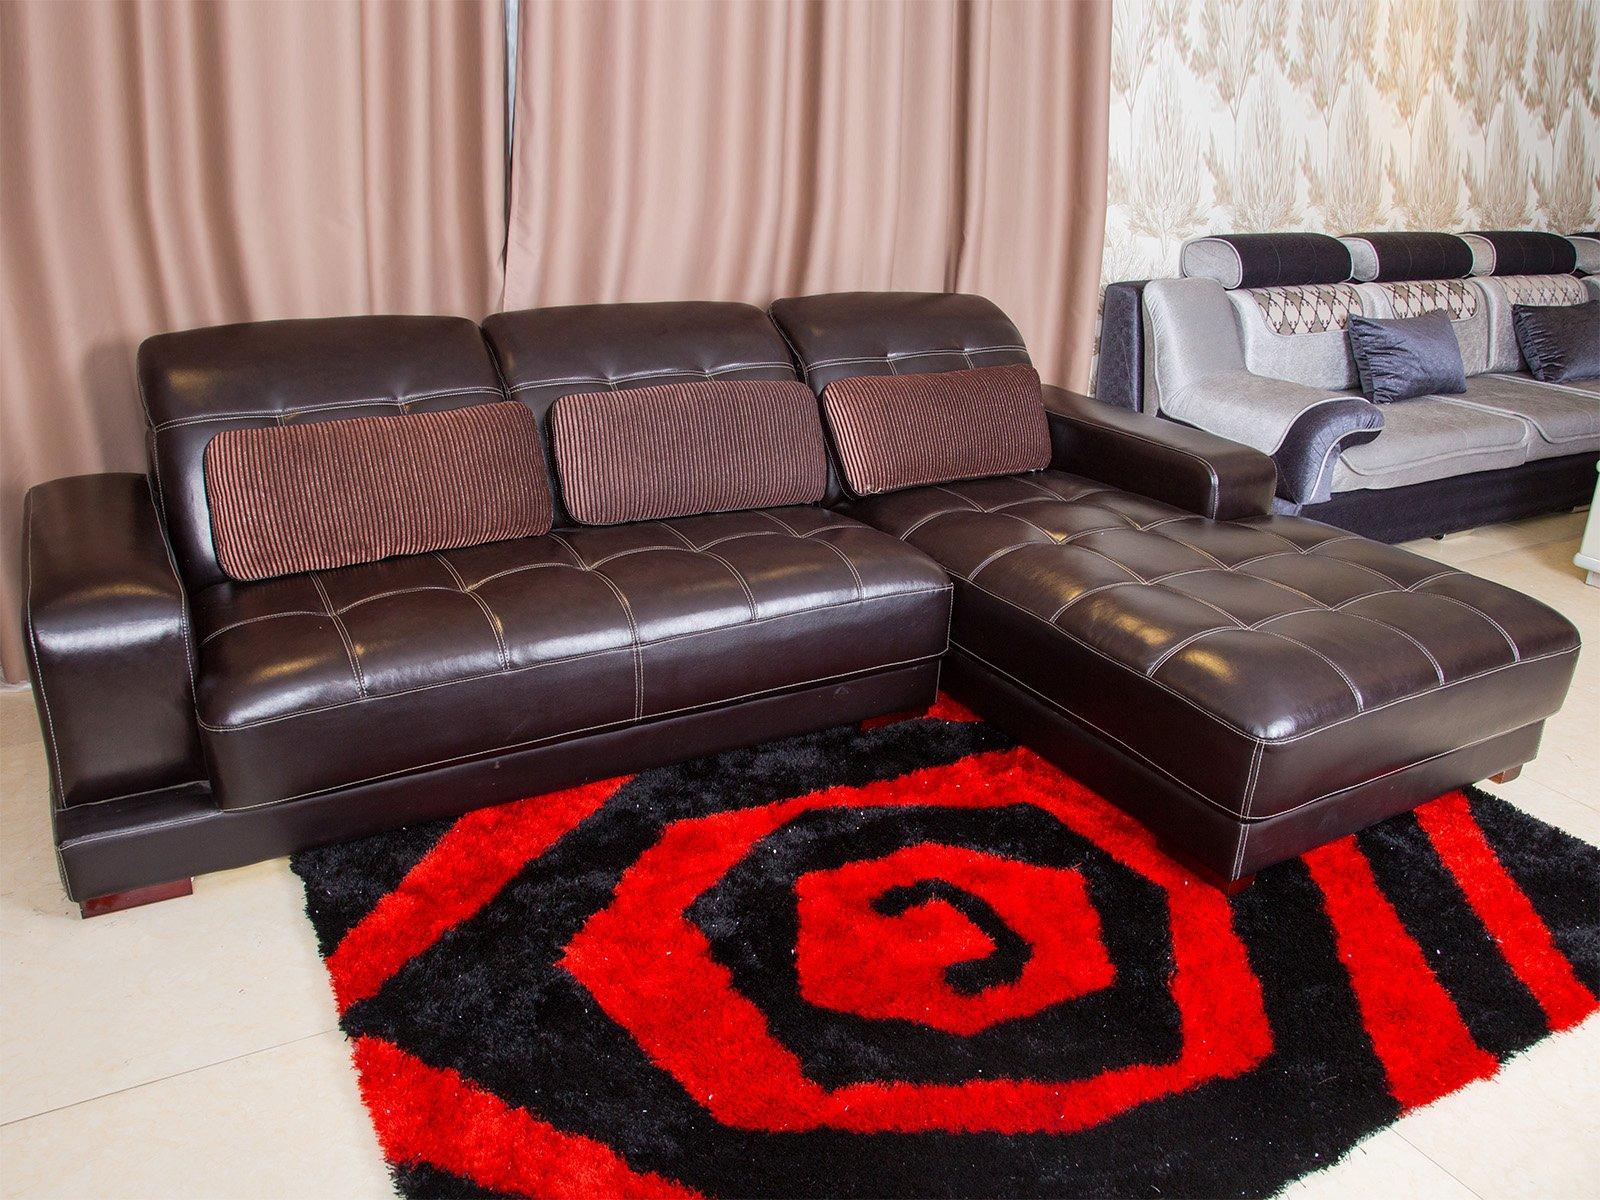 Sofa Da Hiện Đại Góc Trái 2 Băng Mã St0680-2-A1